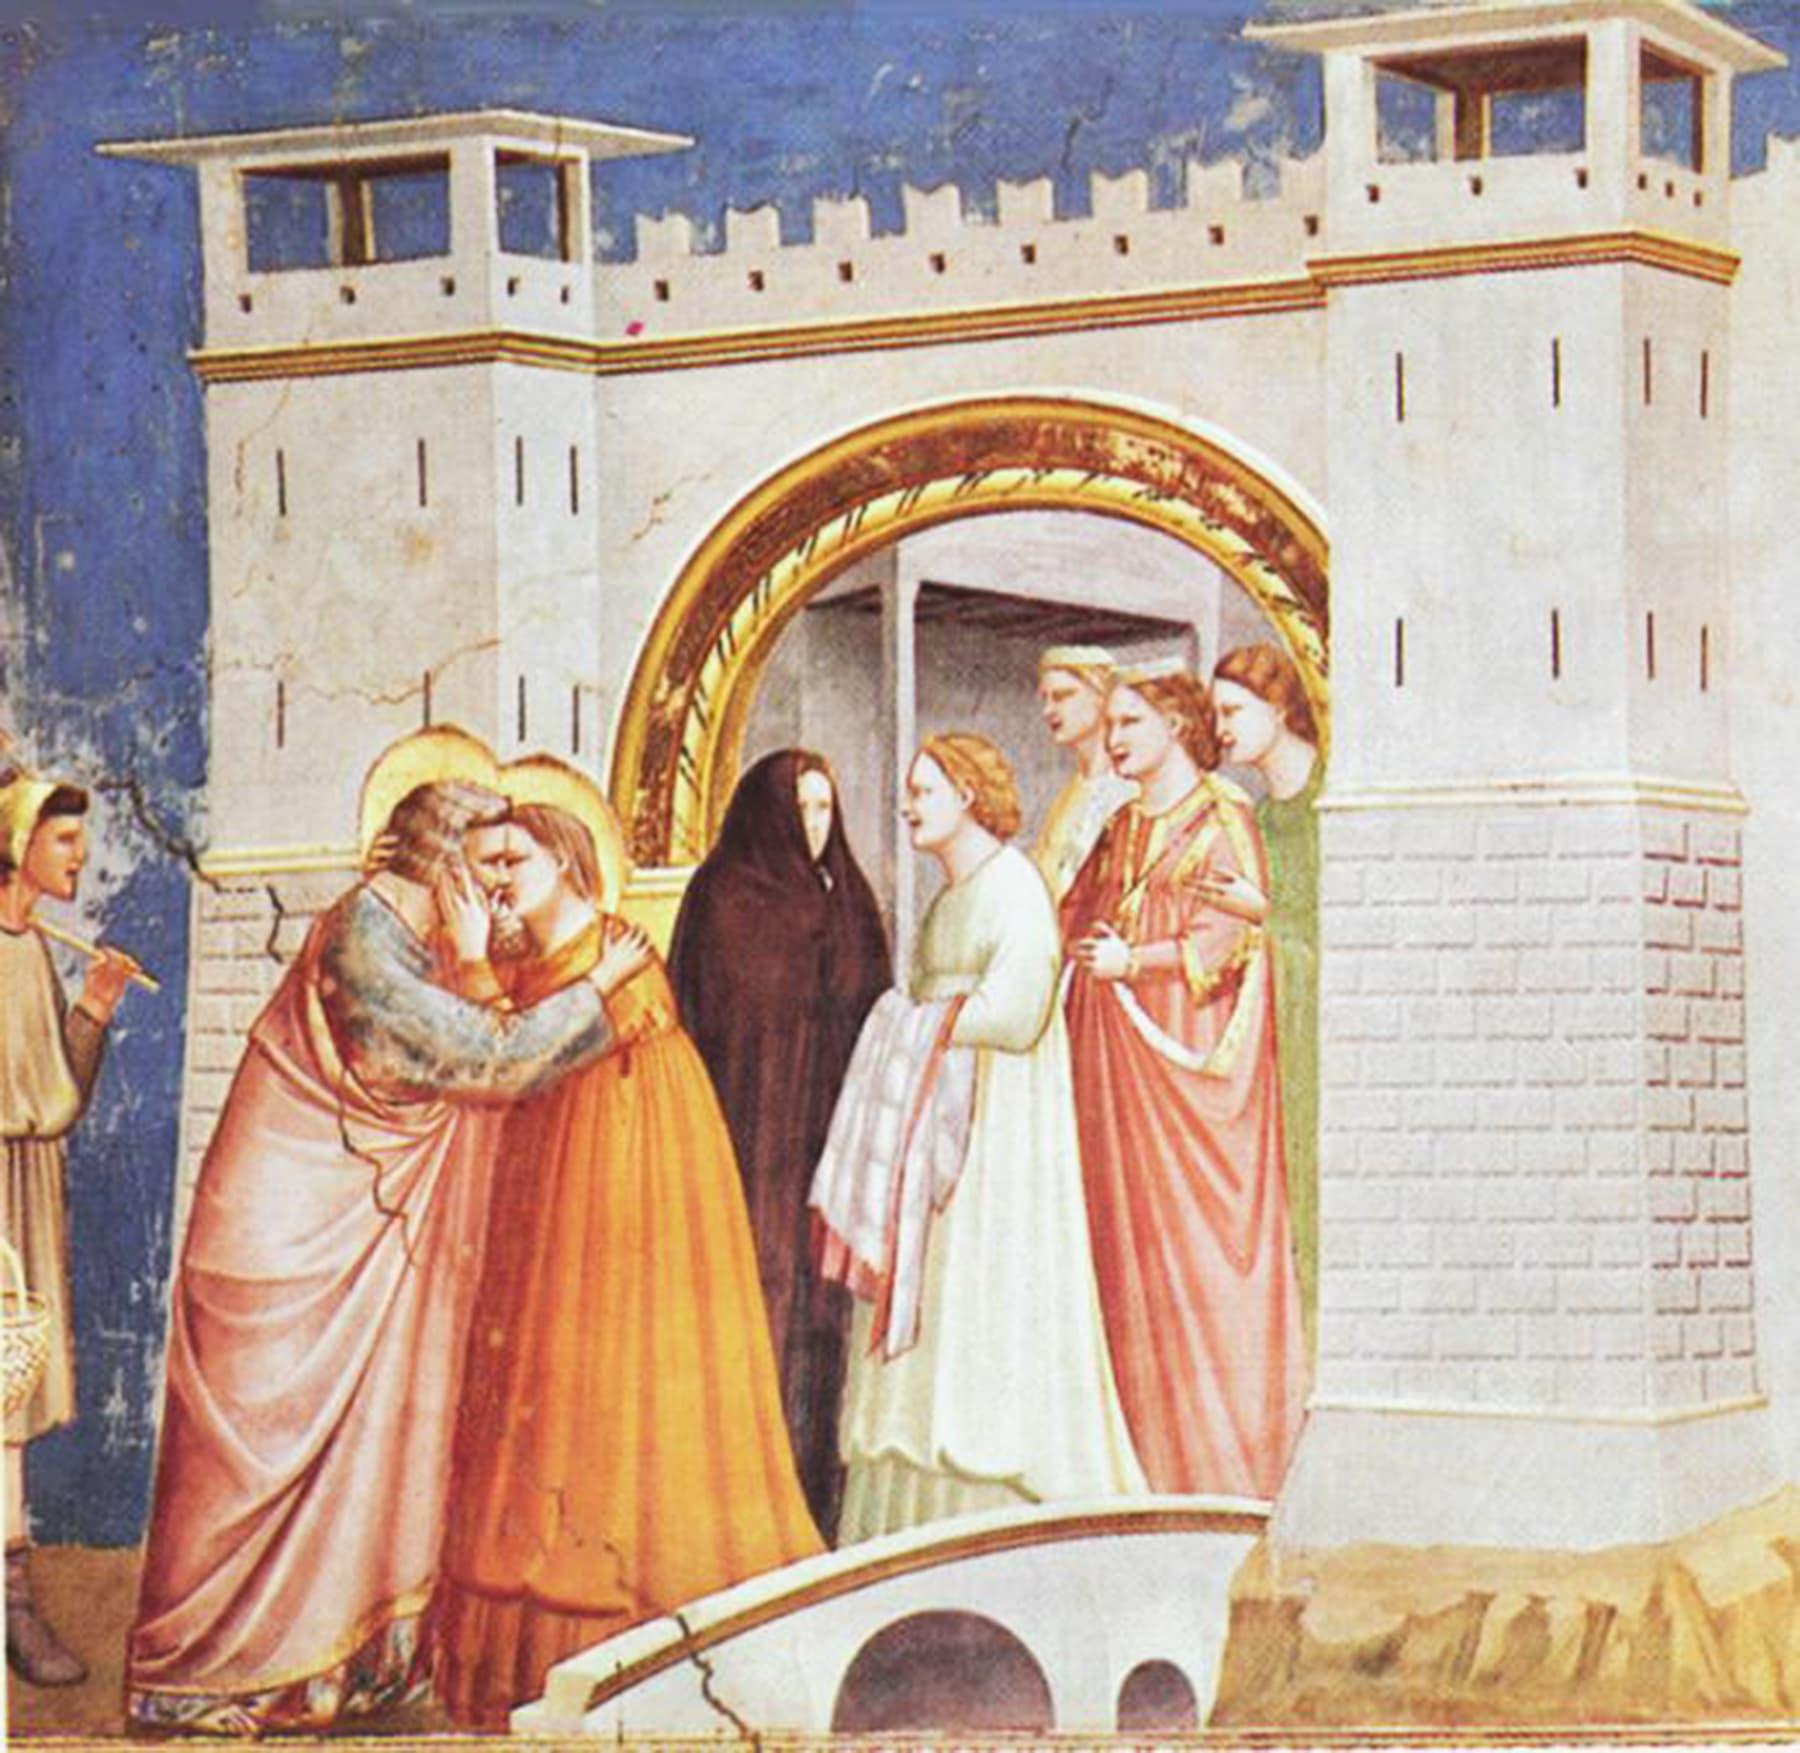 حضرت عمران (مریم علیہ السلام کے والد) اور ان کی اہلیہ حنہ کی زندگی  کے حالات و واقعات پر جاٹو کے نقوش